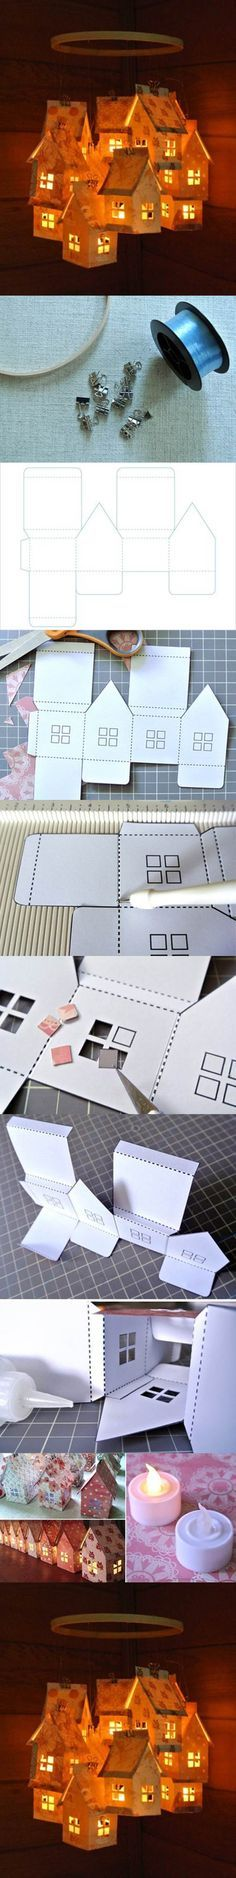 DIY de cartón en forma de pequeño pueblo de la linterna 2